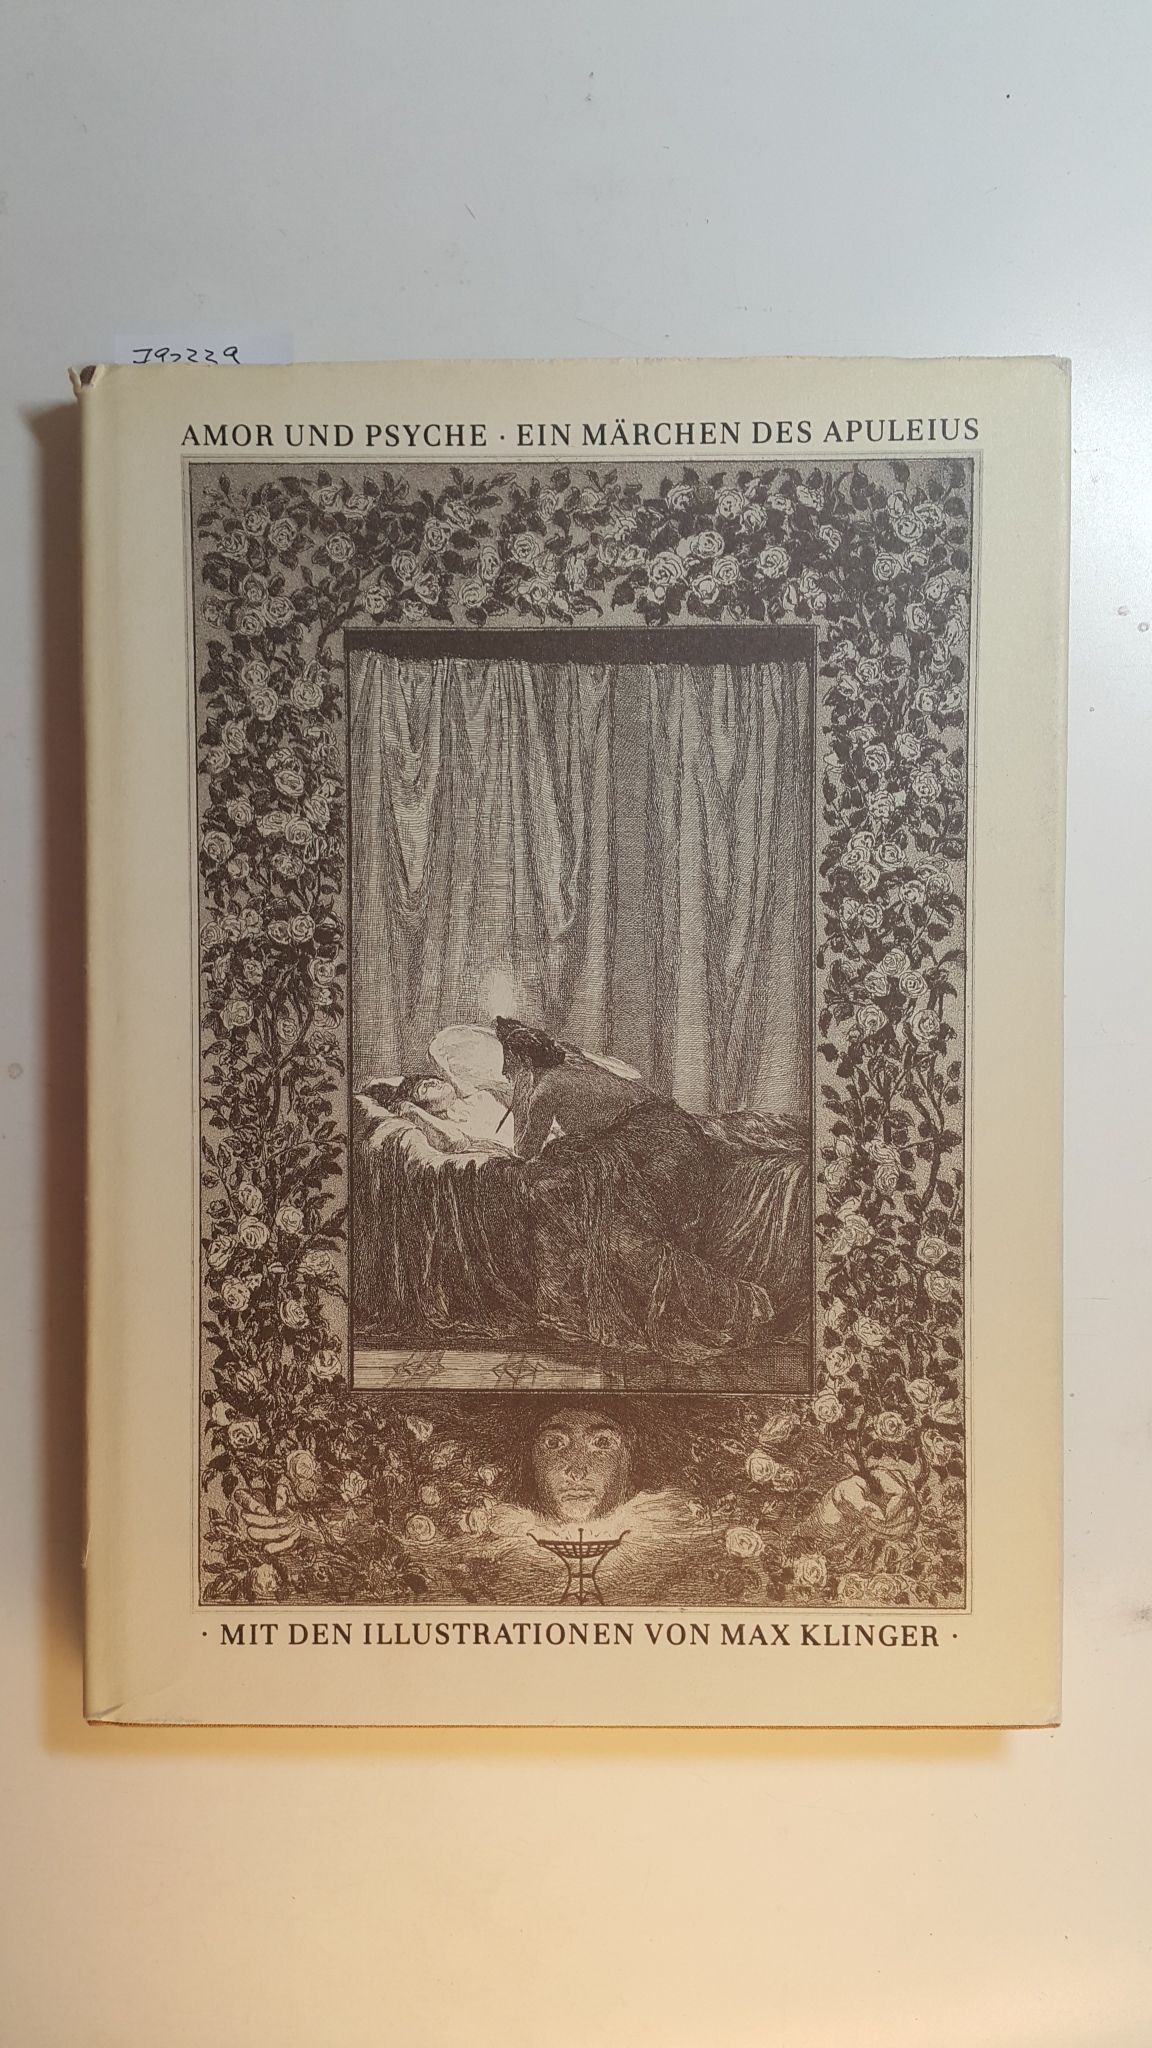 Amor und Psyche : ein Märchen des Apuleius - Apuleius, Madaurensis  Klinger, Max [Ill.]  Jachmann, Reinhold Bernhard [Übers.]